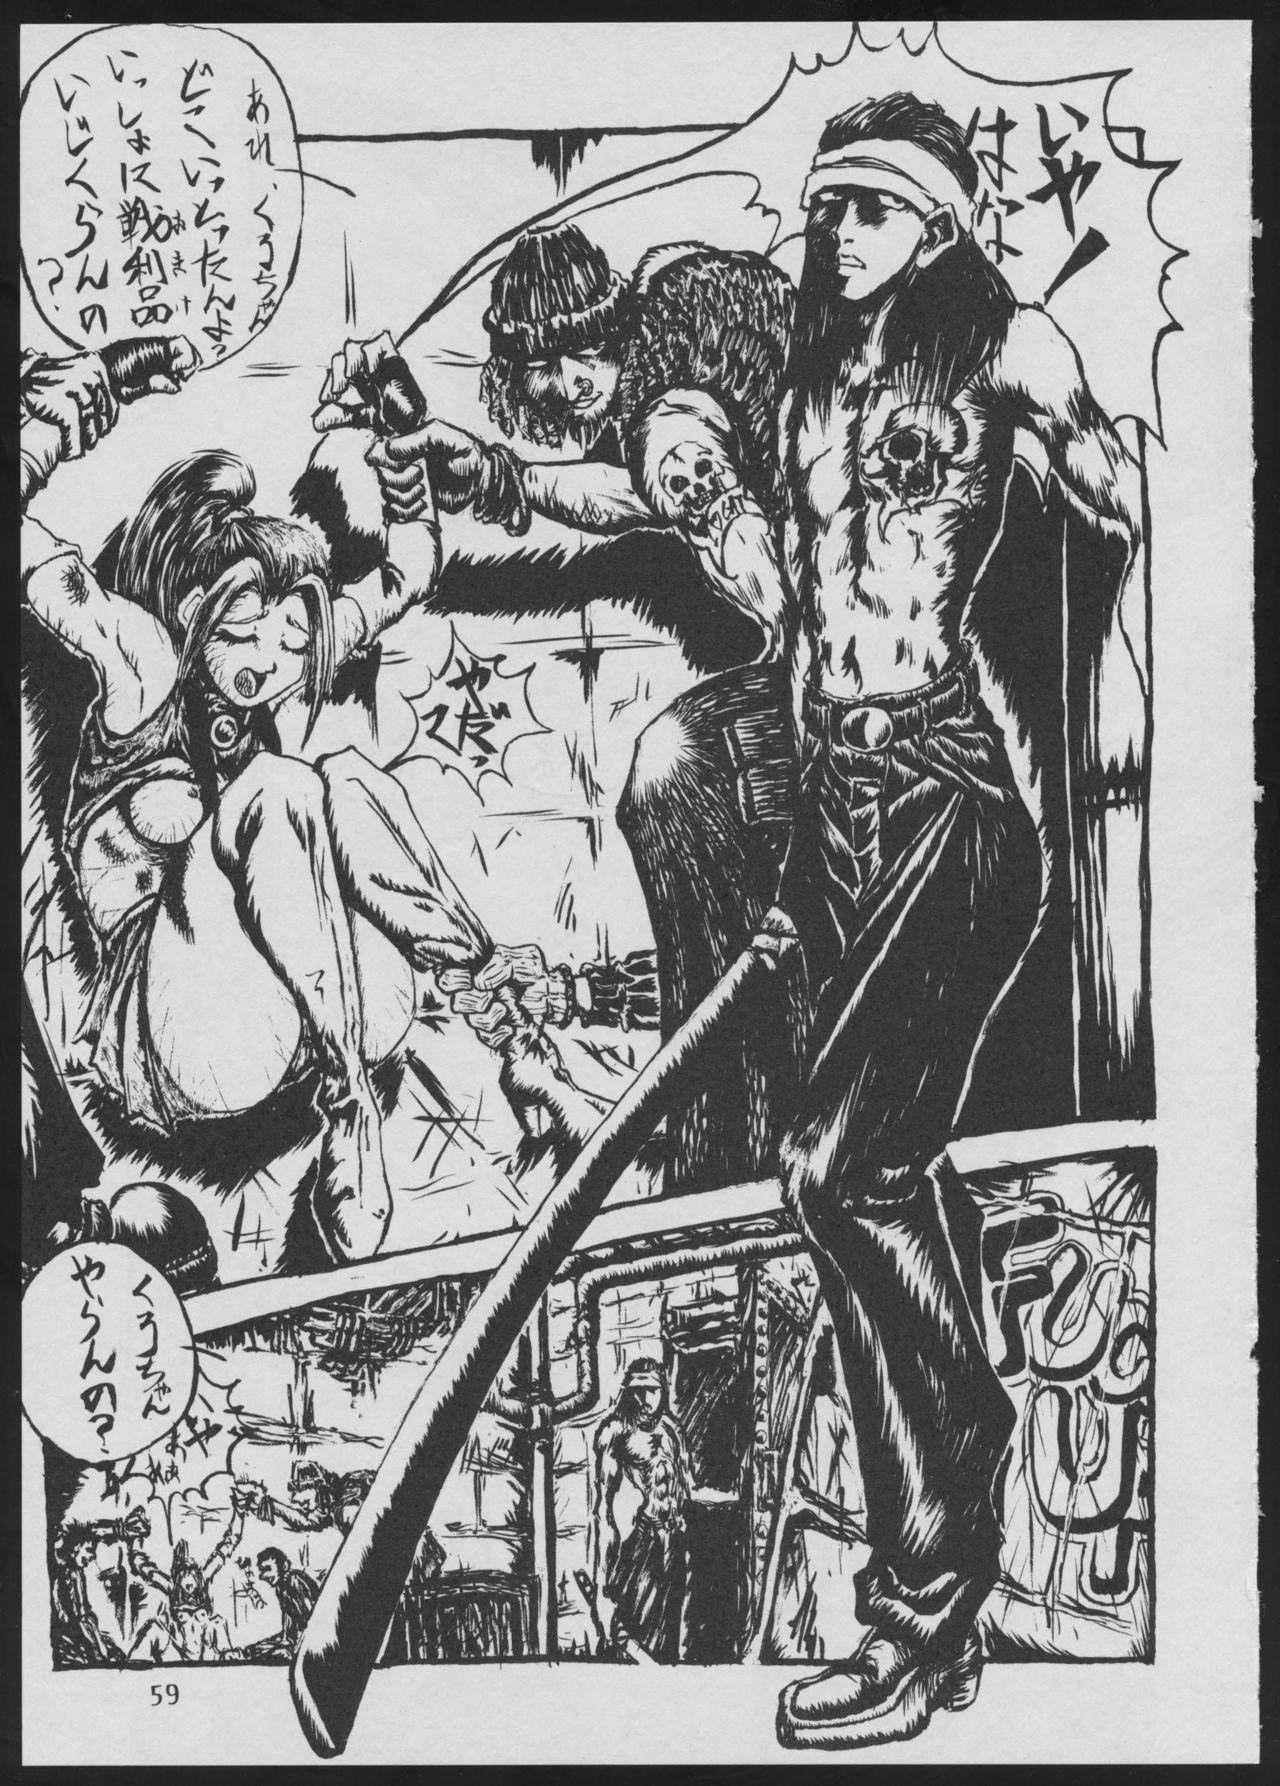 '96 Natsu no Game 18-kin Special 58